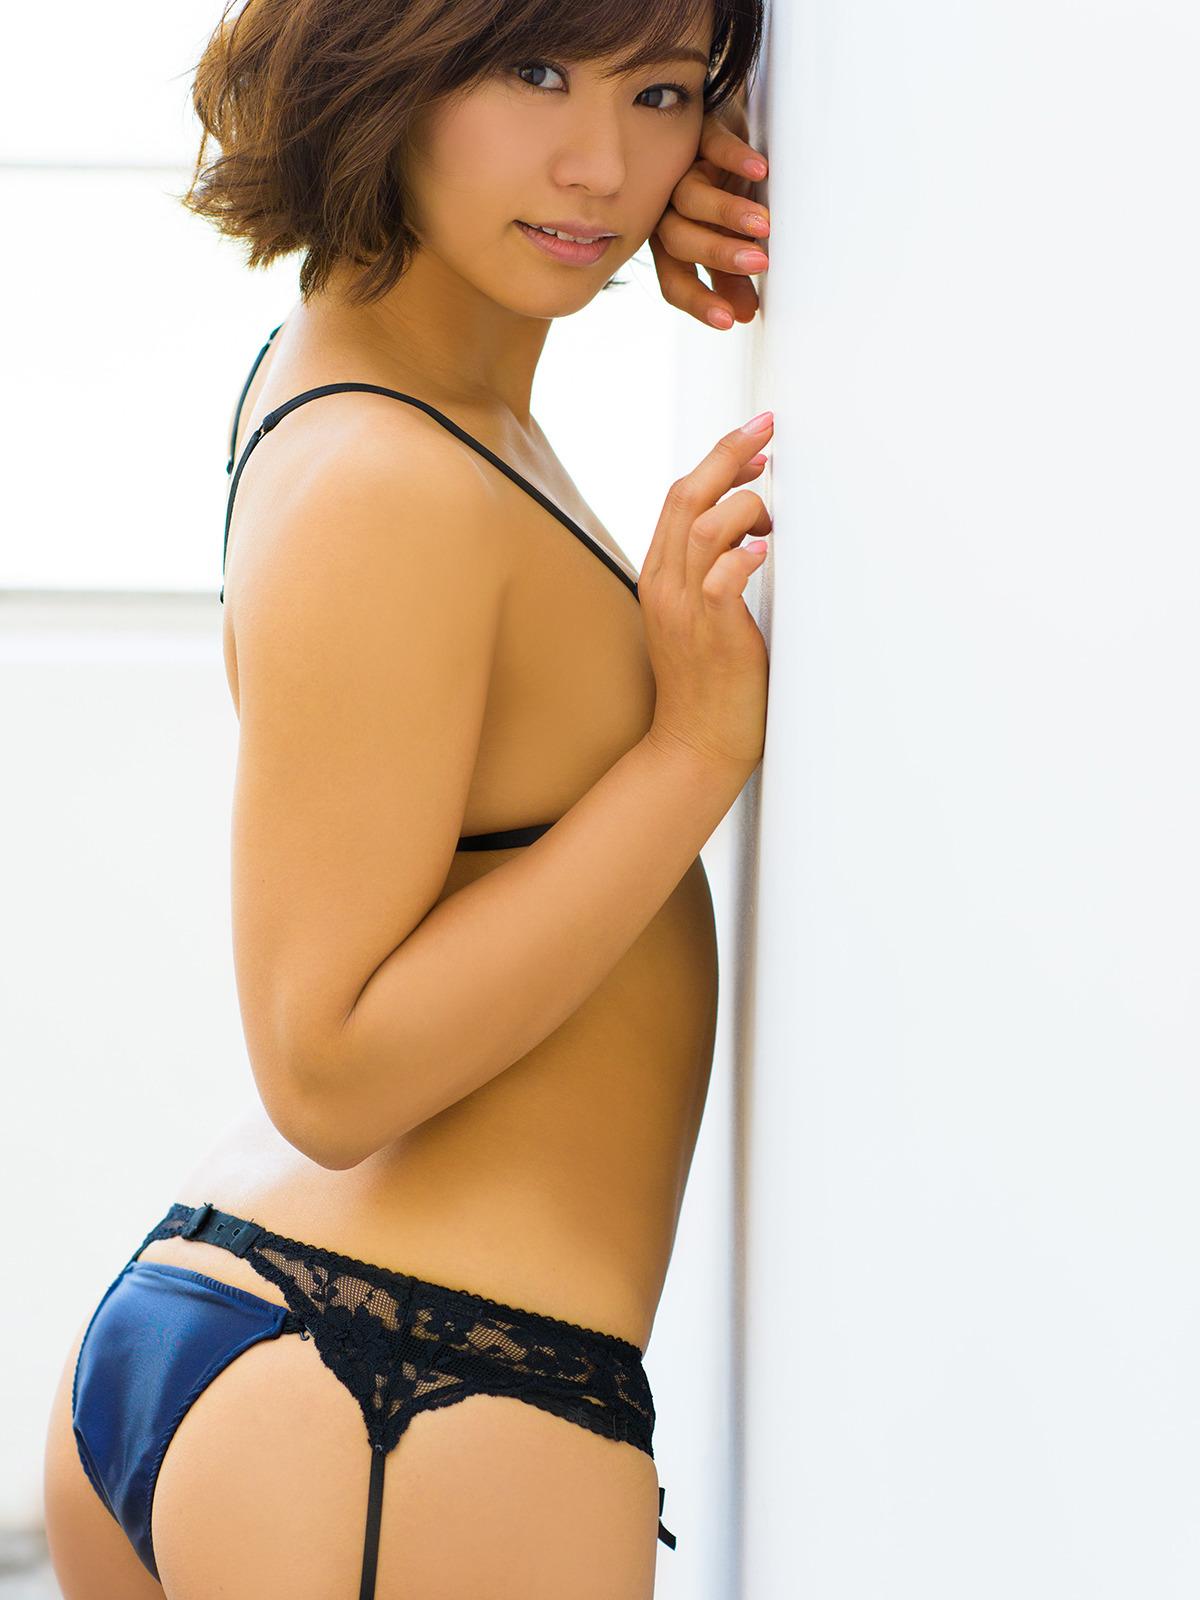 image http://scanlover.com/assets/images/4875-IVUGtjBkEPexVLMt.jpeg